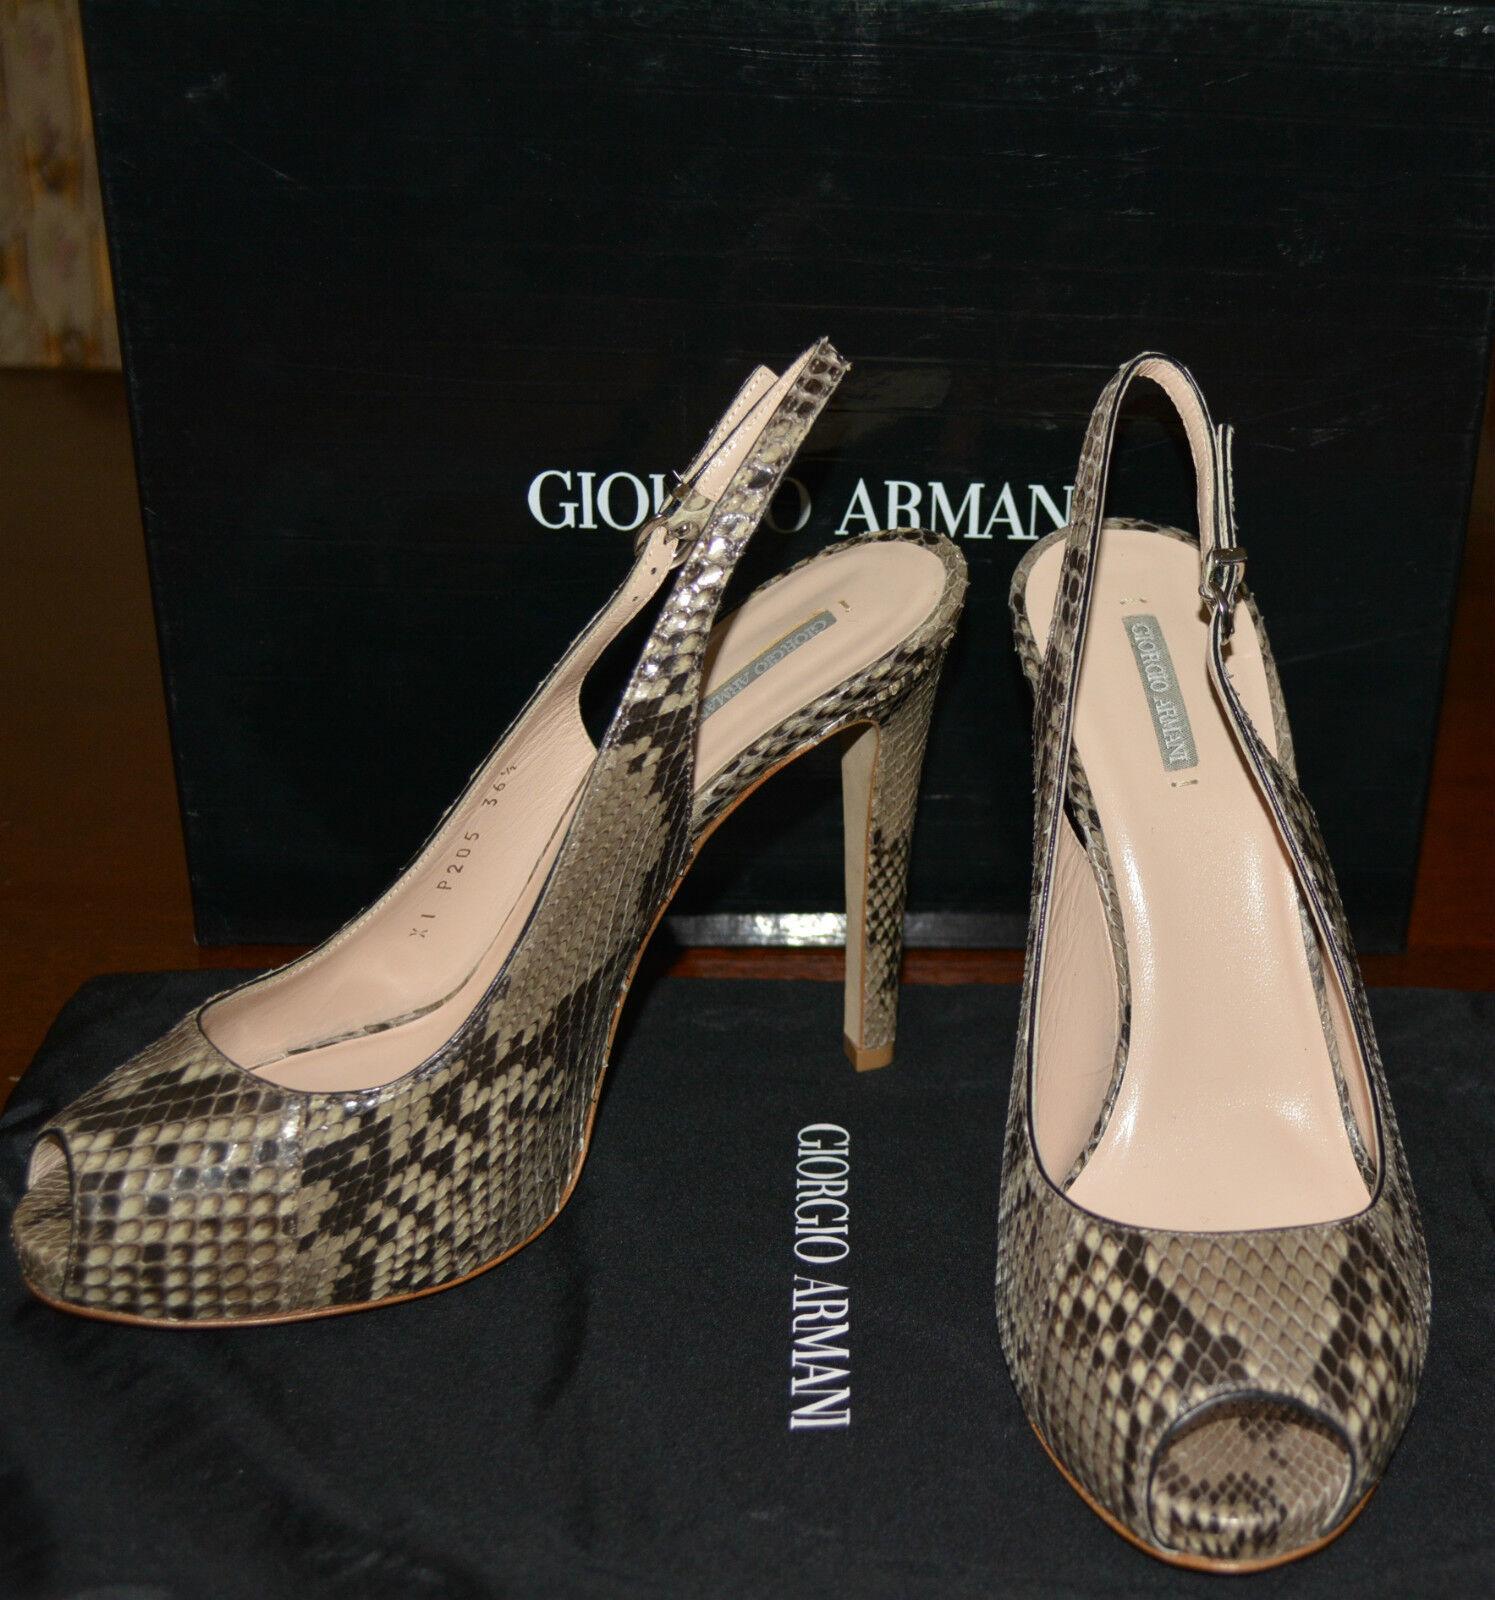 NIB GIORGIO ARMANI PYTHON LEATHER PUMPS Zapatos Zapatos Zapatos SZ US 7 MADE IN ITALY a72497